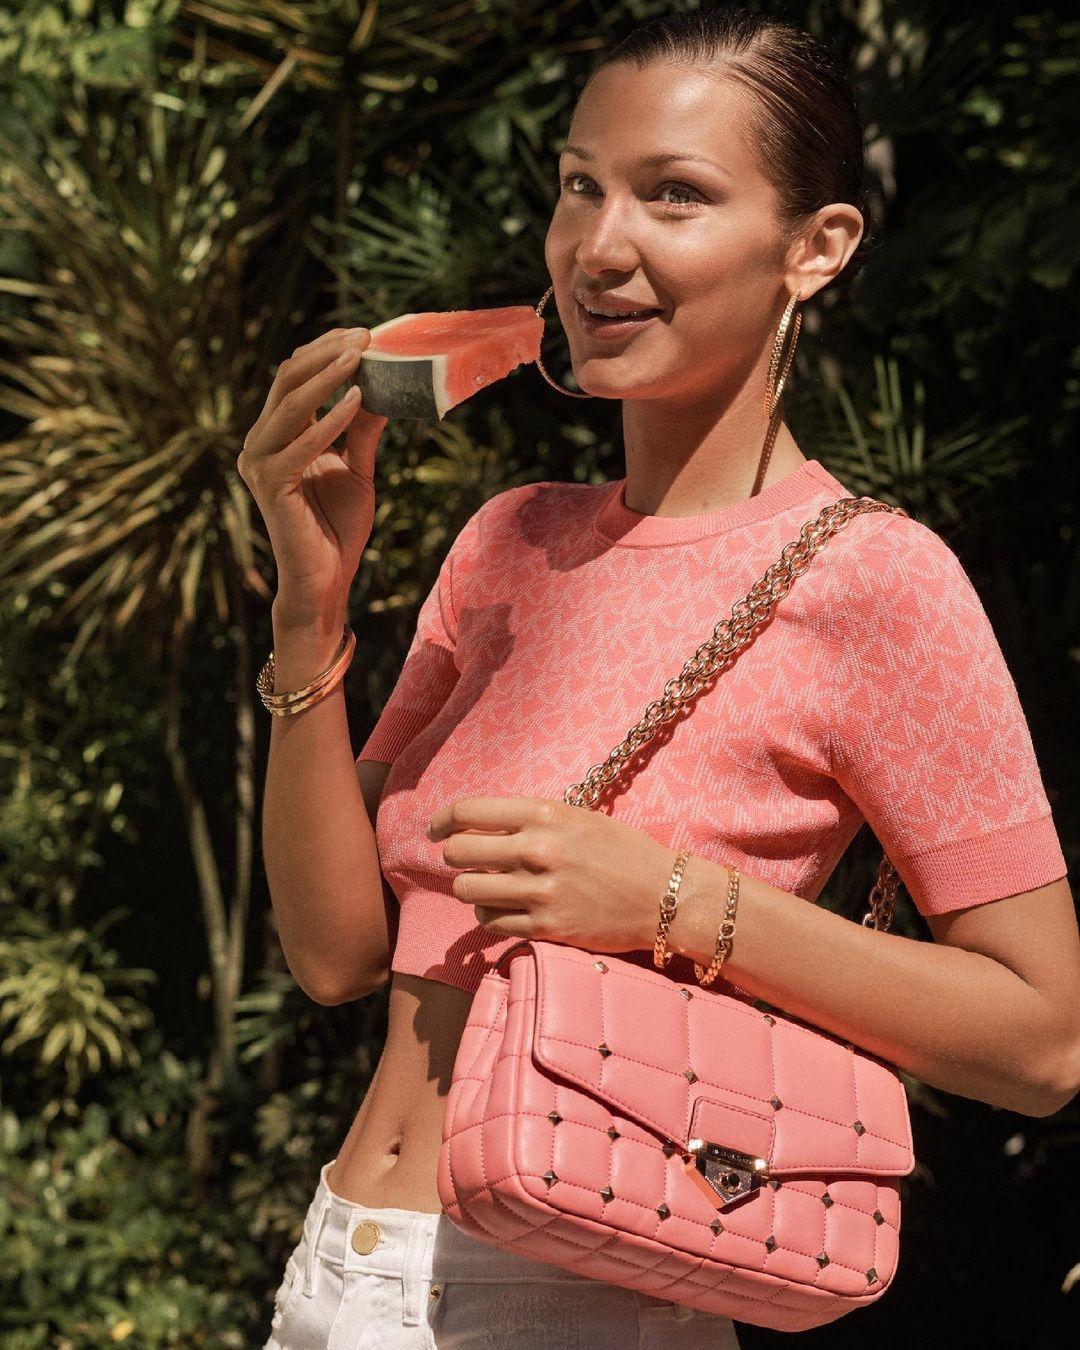 Белла Хадид показала самые модные сумки 2021 года в новой рекламе Michael Kors (ФОТО) - фото №4